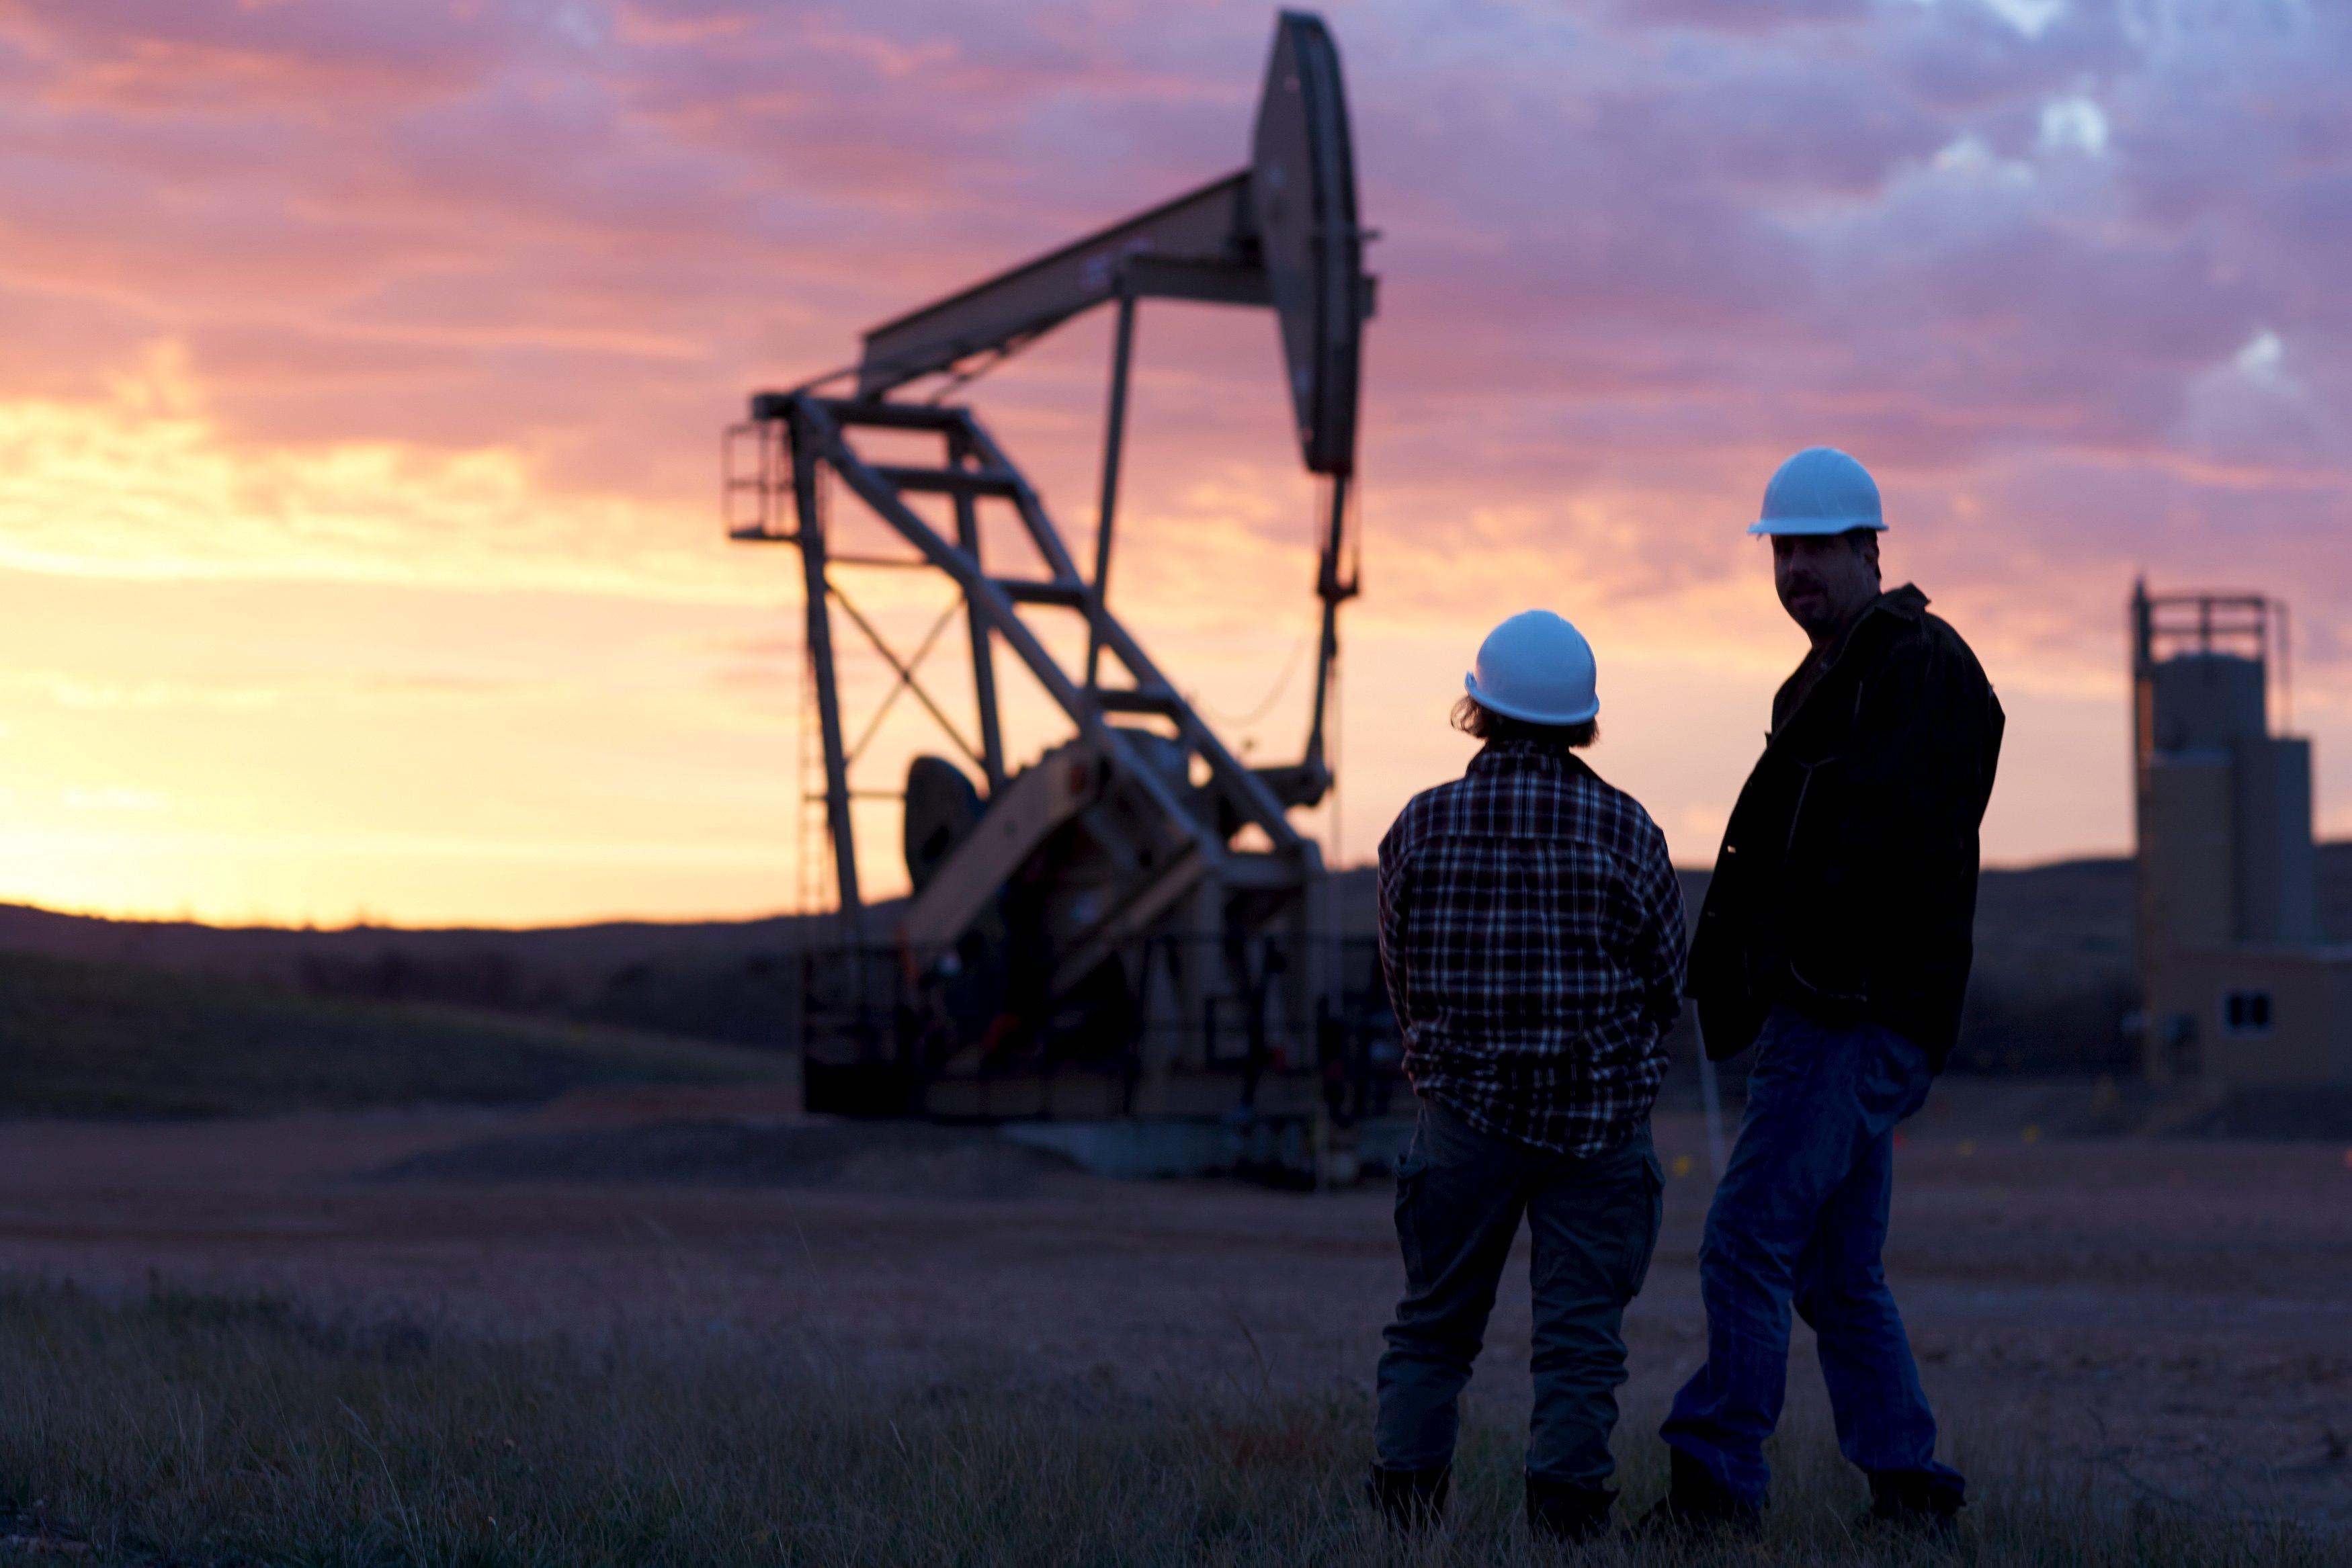 Venecuela će naftu namijenjenu SAD-u preusmjeriti na Evropu i Aziju